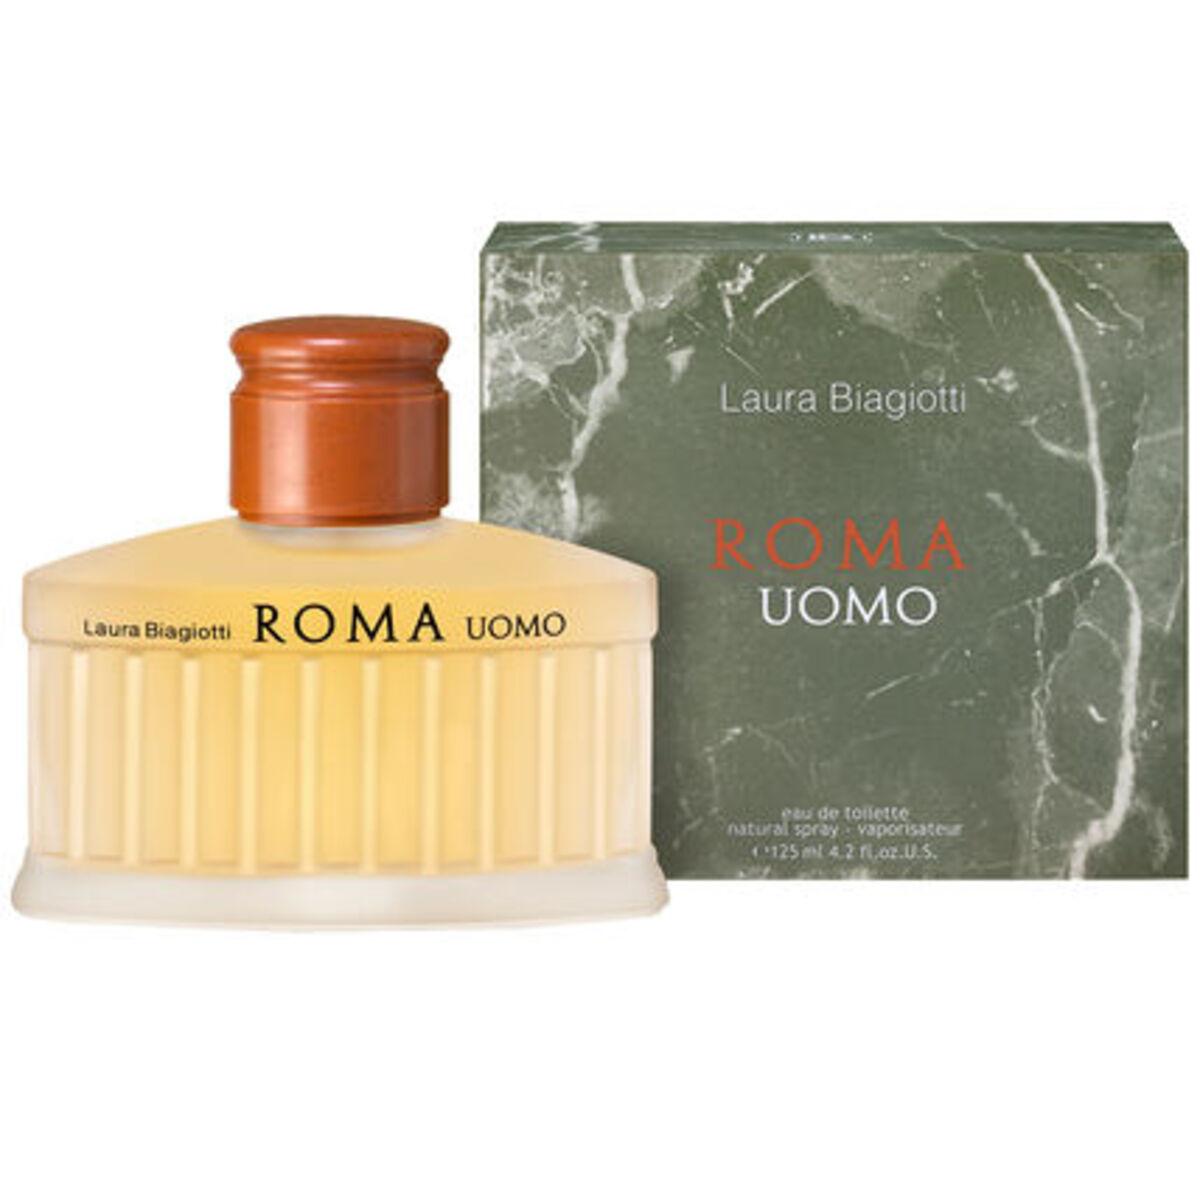 Bild 2 von Laura Biagiotti Roma Uomo, Eau de Toilette, 125 ml